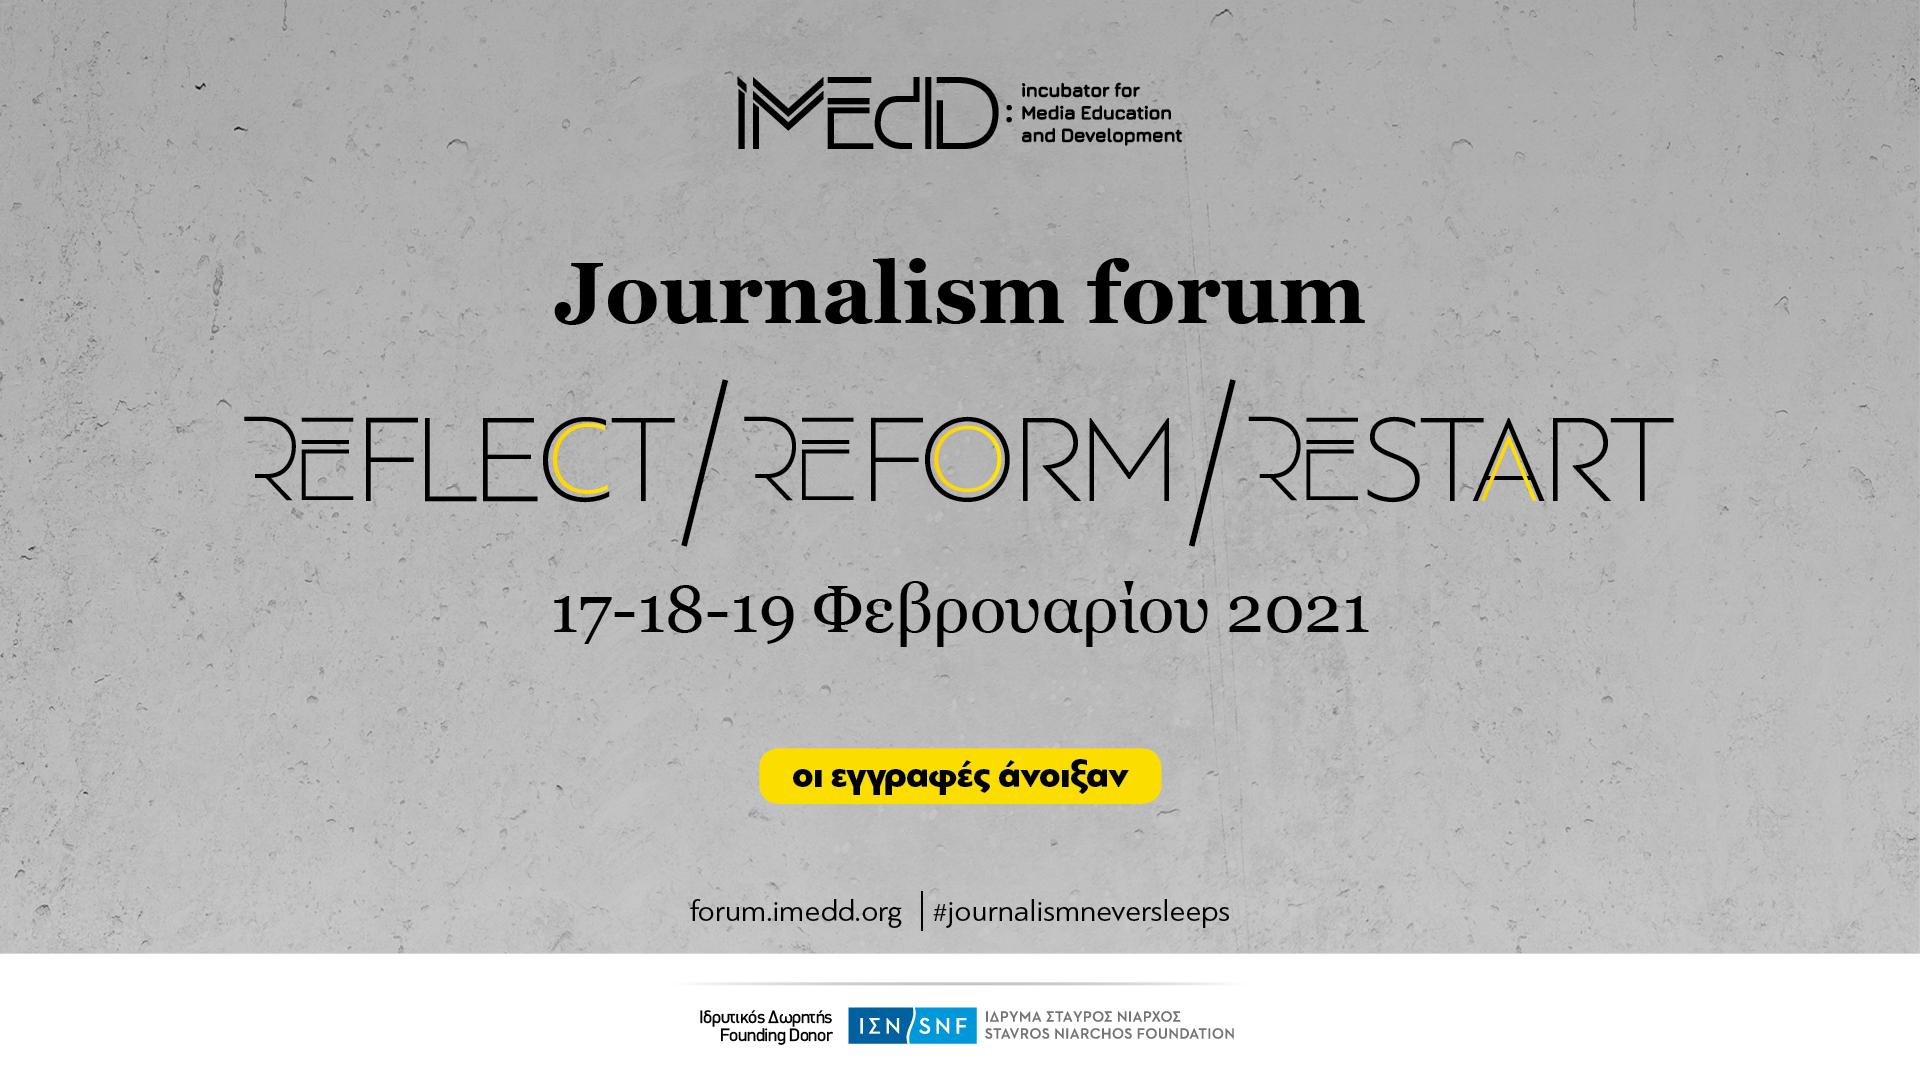 Forum για τη Δημοσιογραφία στις 17-18-19 Φεβρουαρίου